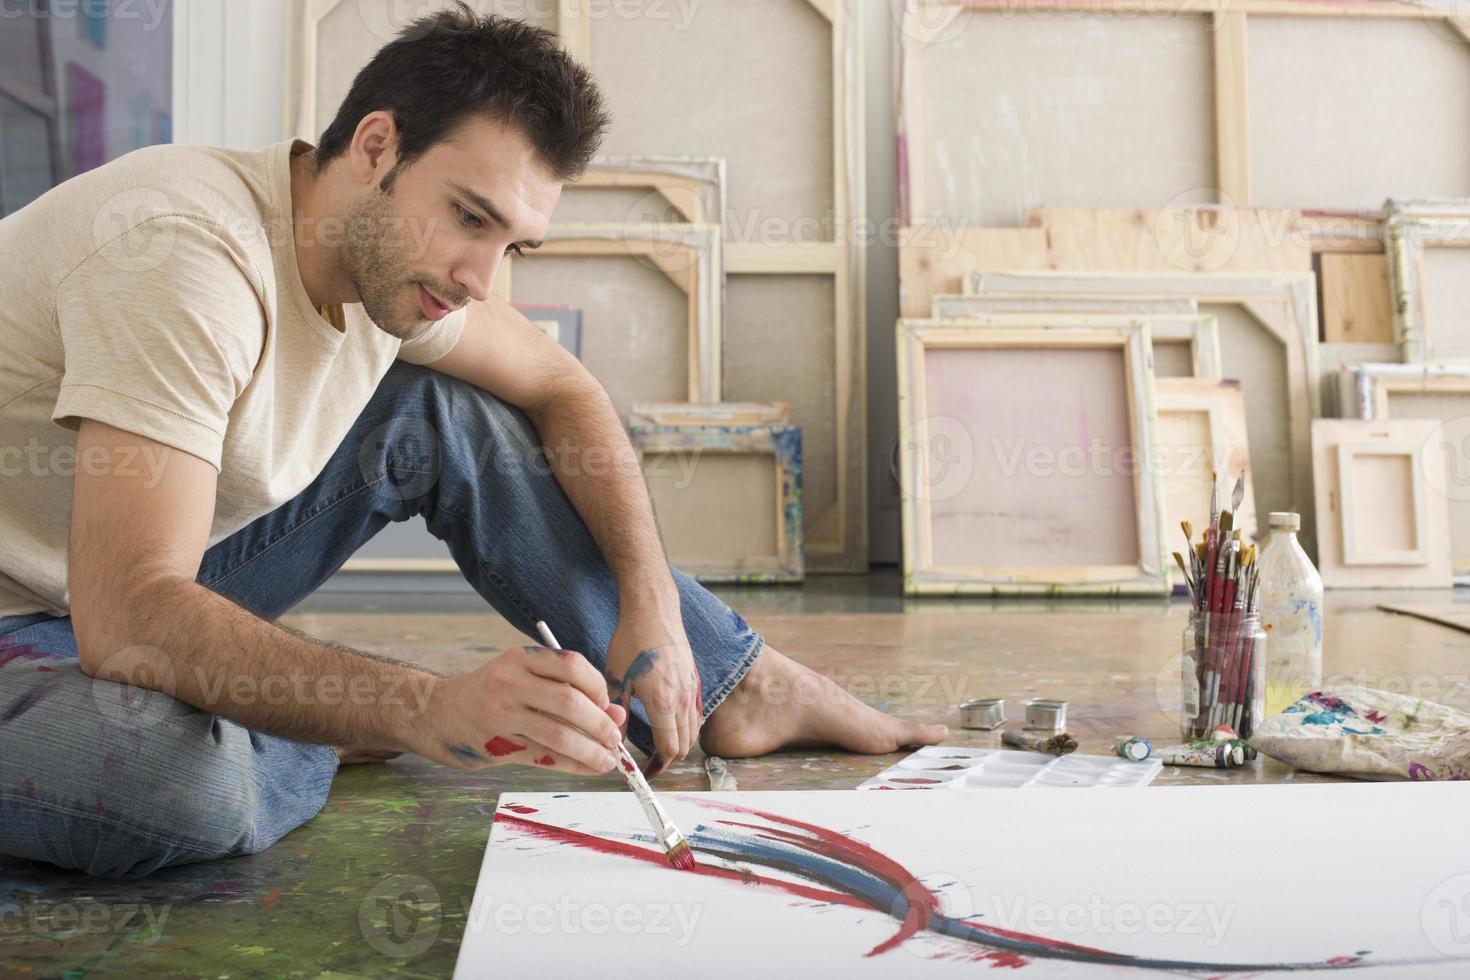 homme peinture sur toile photo